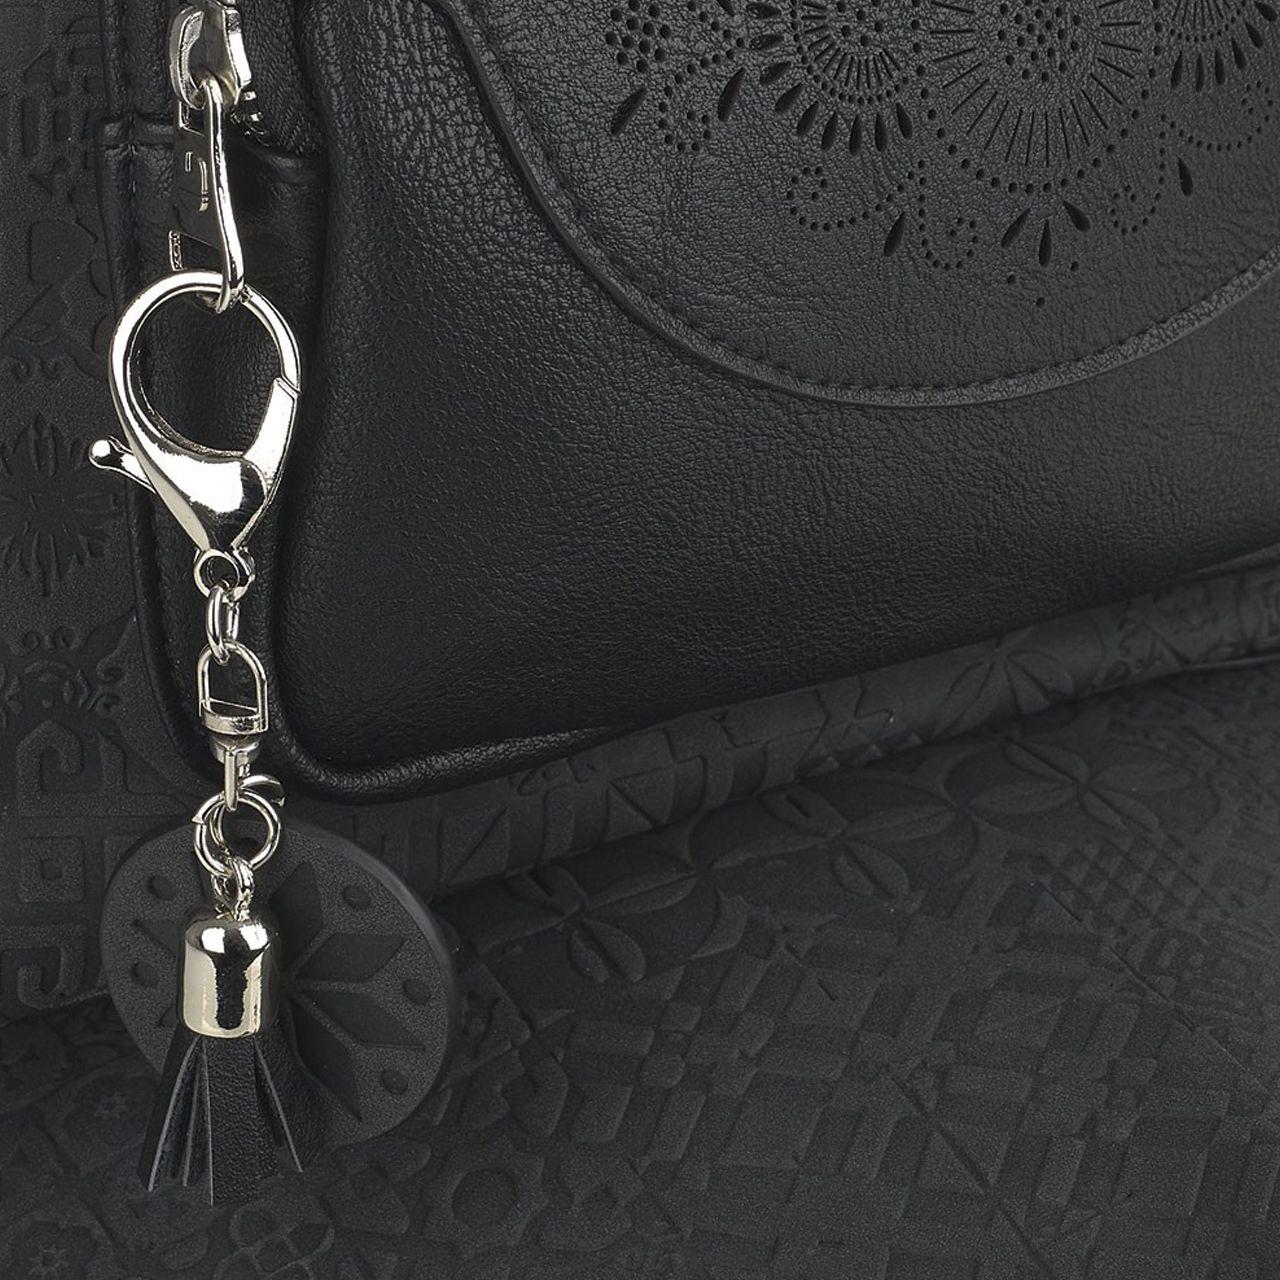 کیف دوشی زنانه گابل مدل Moon 536313 -  - 7